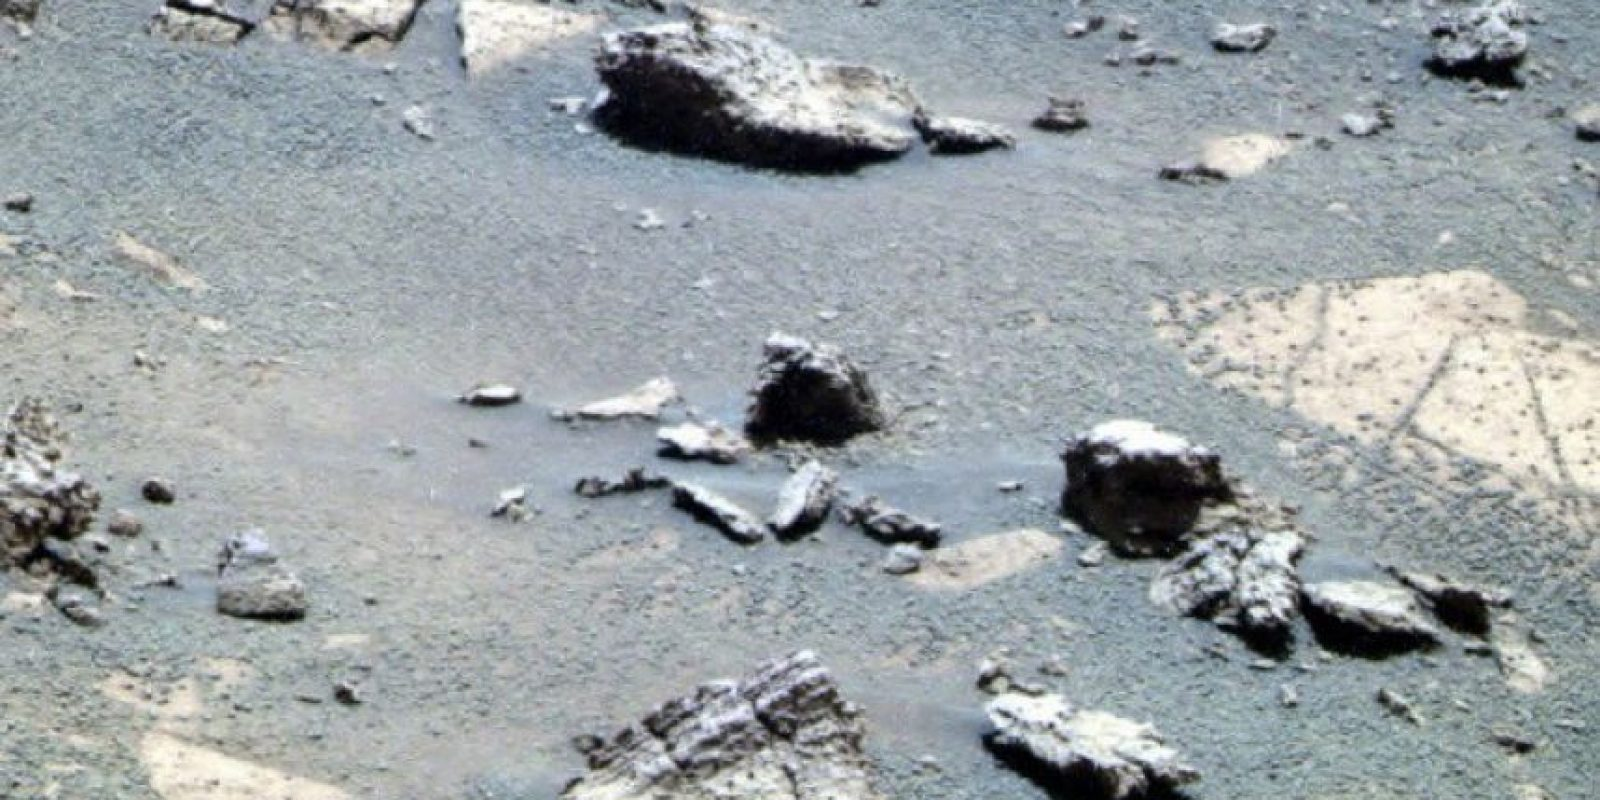 Una roca con la forma de la silueta de la cabeza de Trump fue descubierta en Marte. Foto:nasa.gov